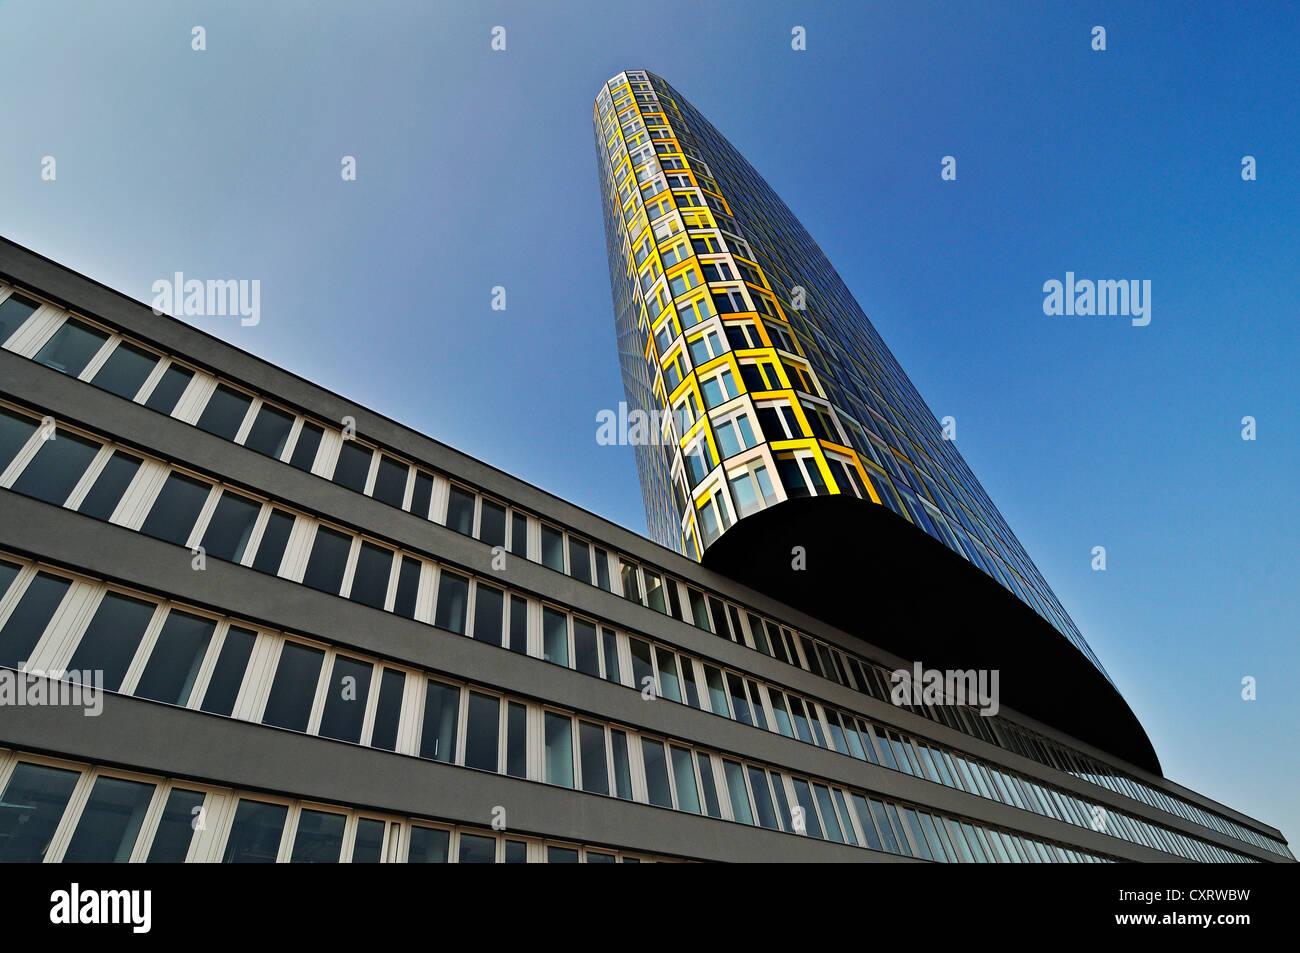 La nueva sede de ADAC, el automóvil club alemán, calle Hansastrasse 23-25, Munich, Baviera, Alemania, Imagen De Stock